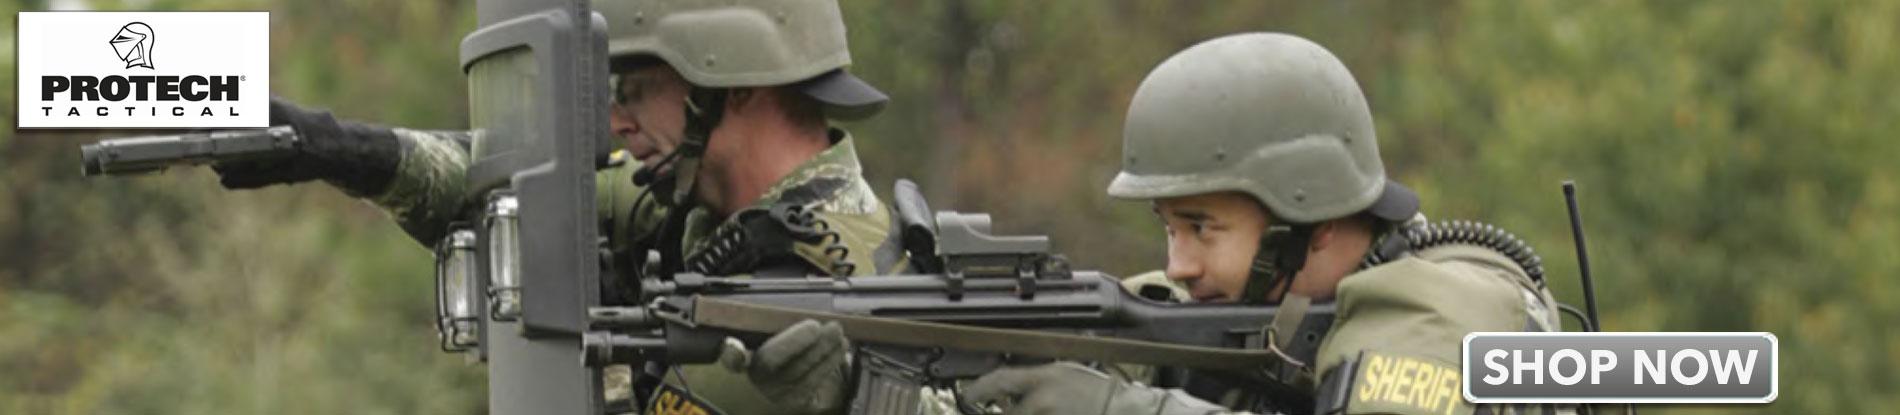 Pro-Tech Tactical Gear